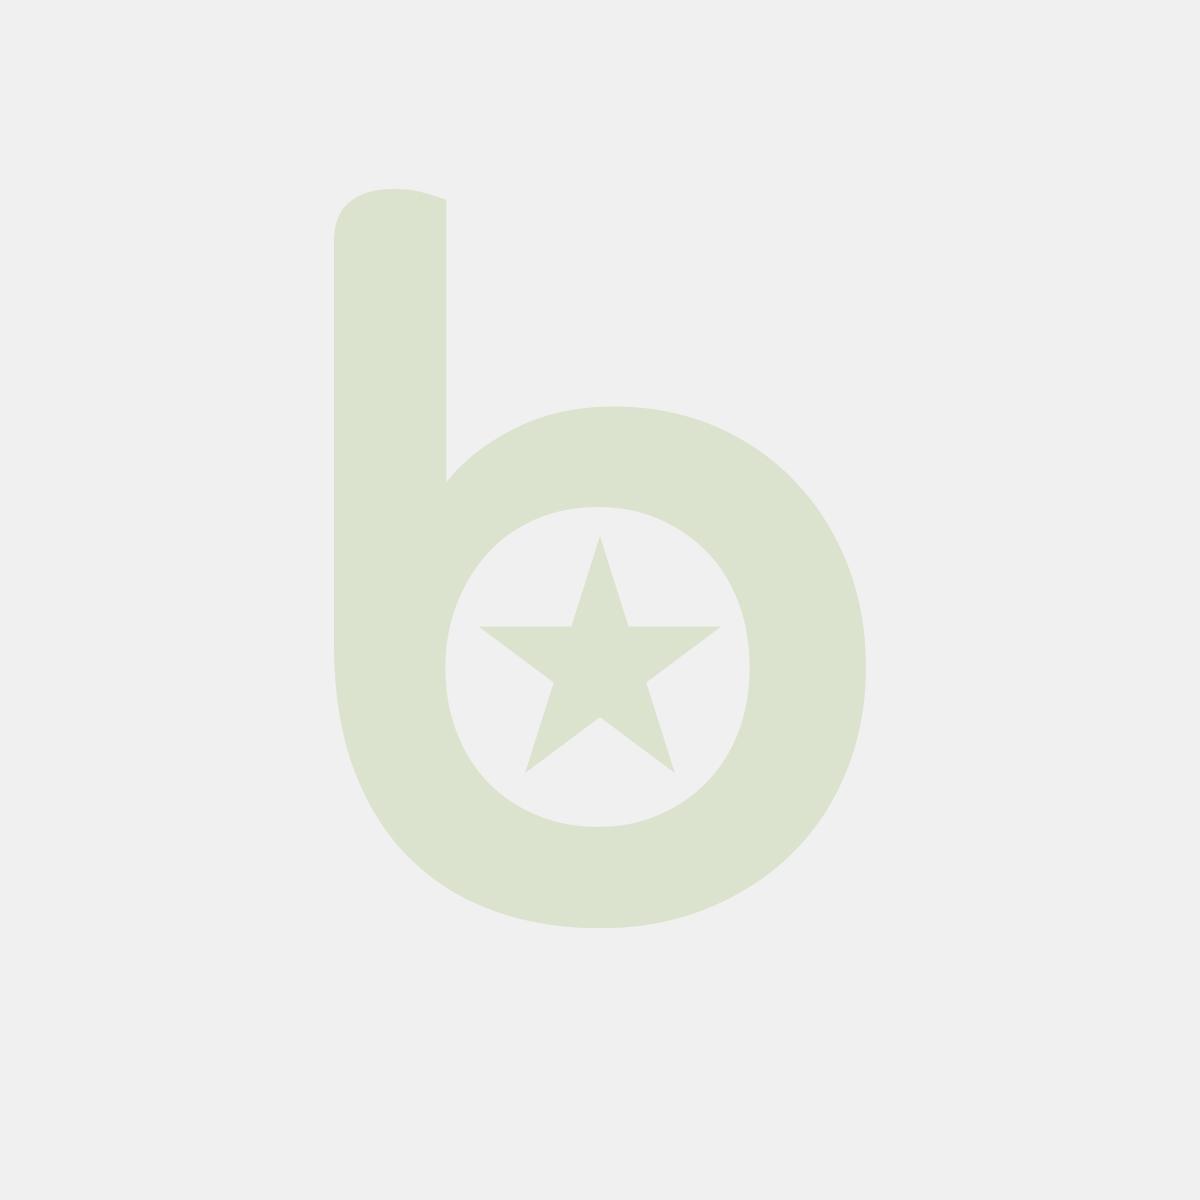 Talerzyk-podstawka czarna 11,9cm opakowanie 30szt